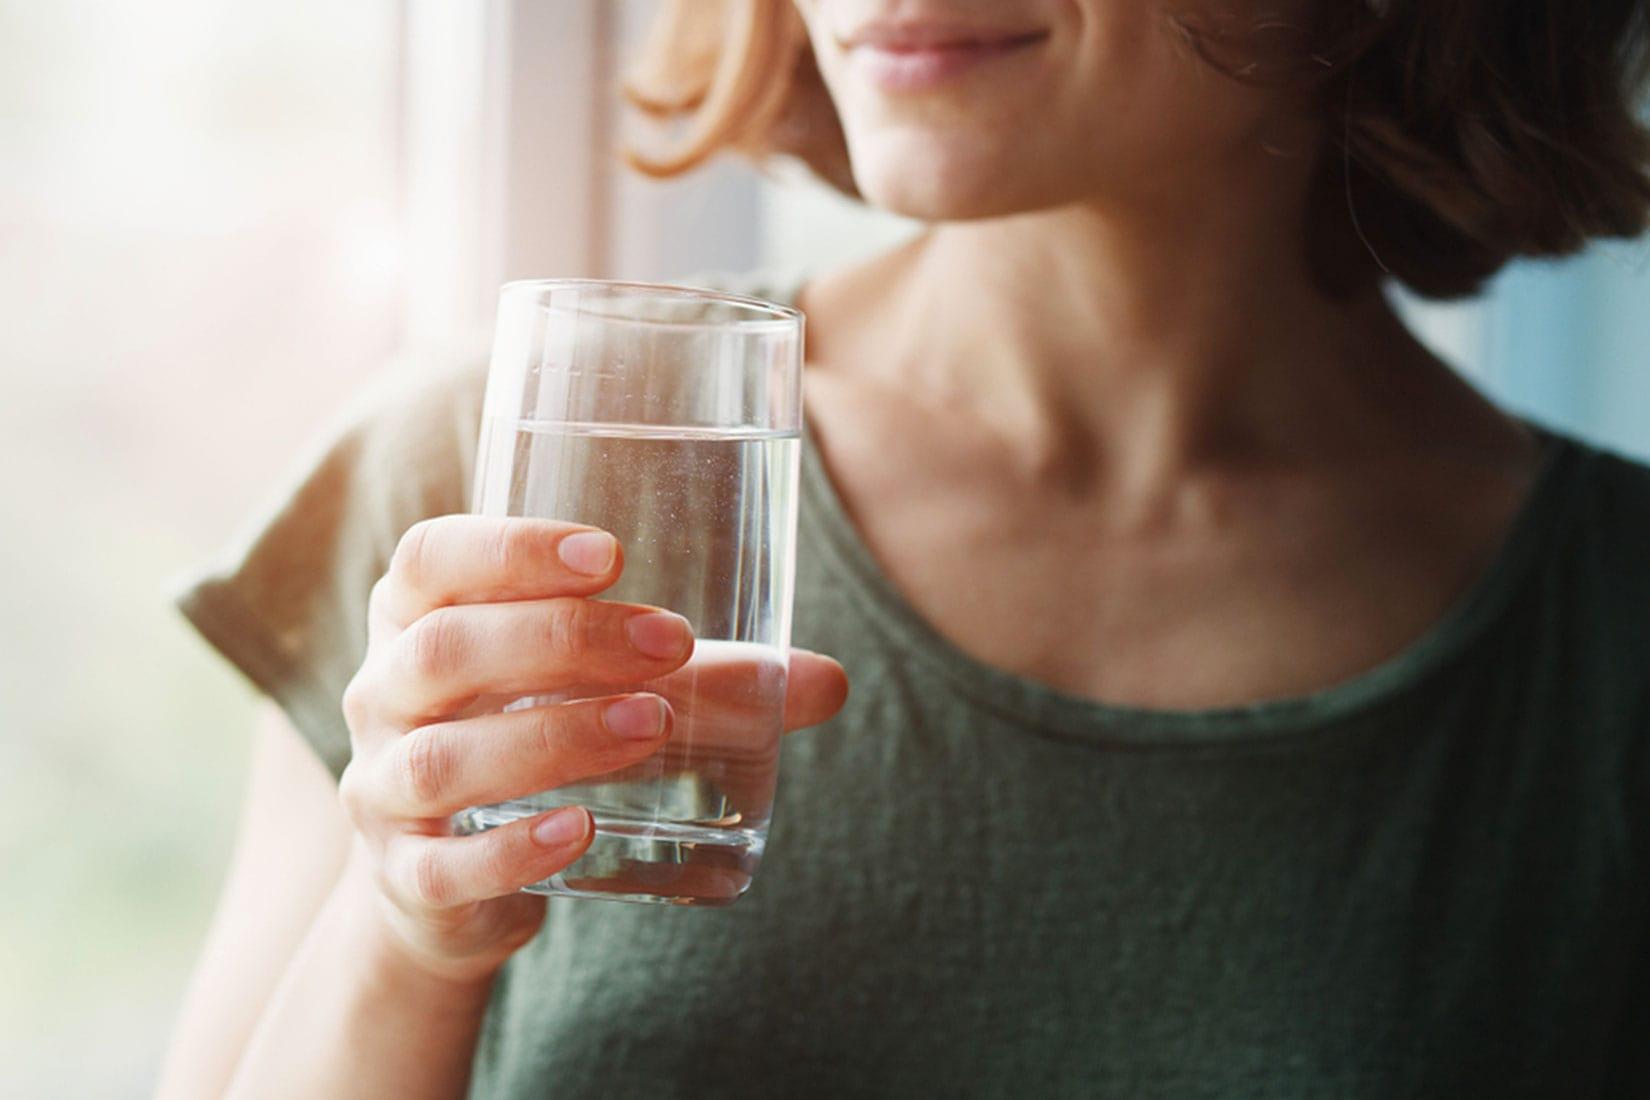 Detox. Consigli chiropratici su idratazione, alimentazione, sport e riposo